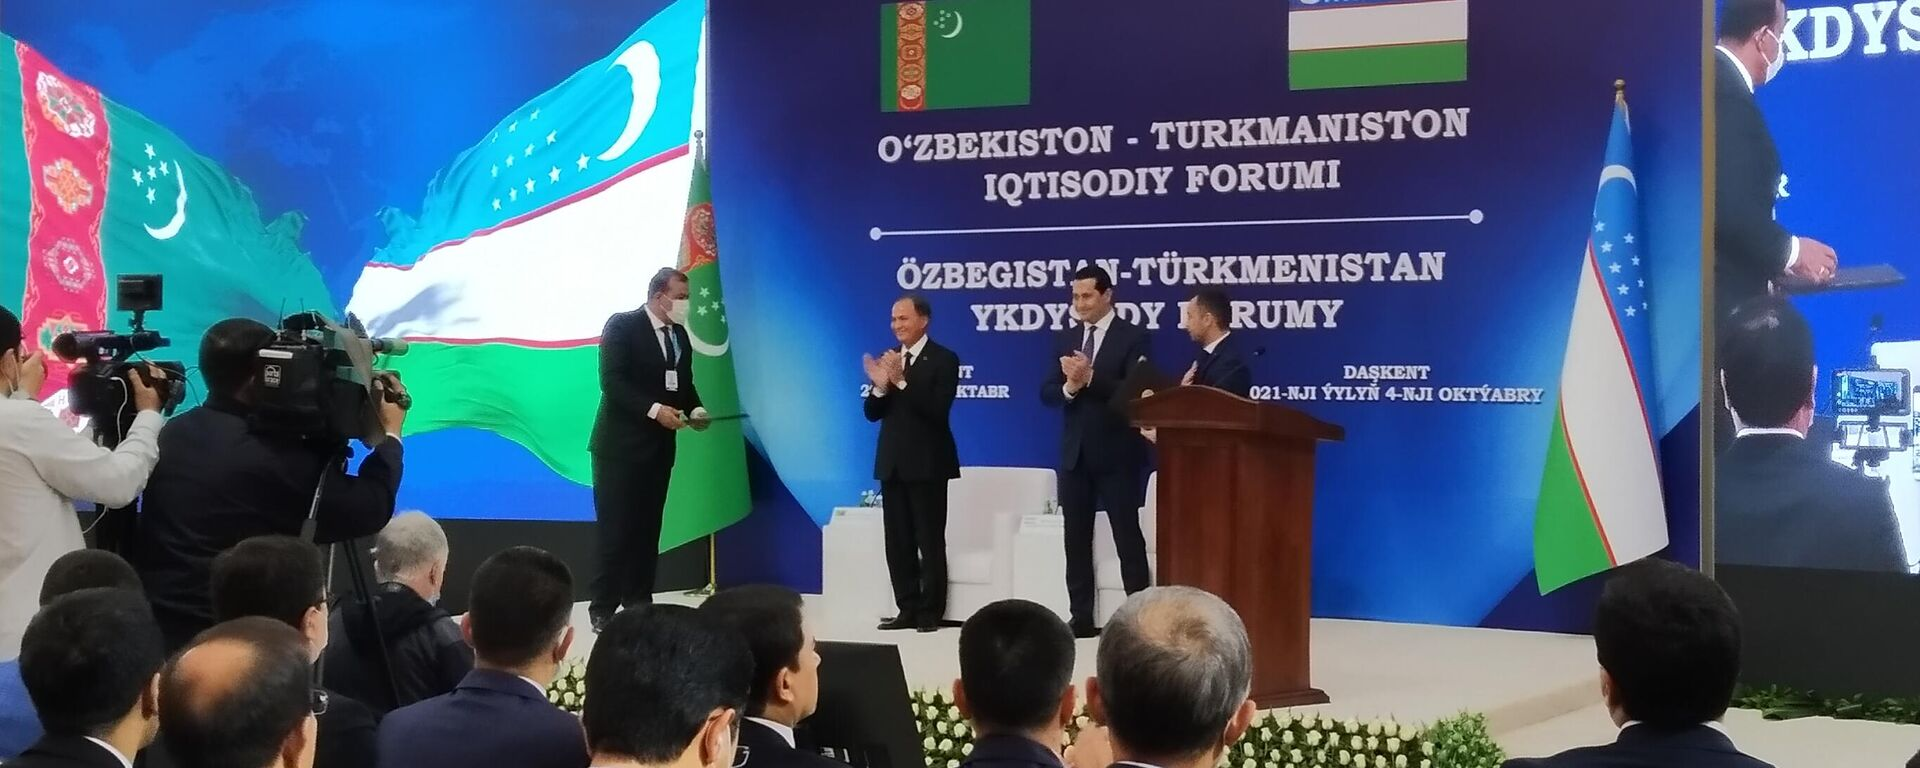 Узбекско-туркменский форум в Ташкенте - Sputnik Ўзбекистон, 1920, 04.10.2021